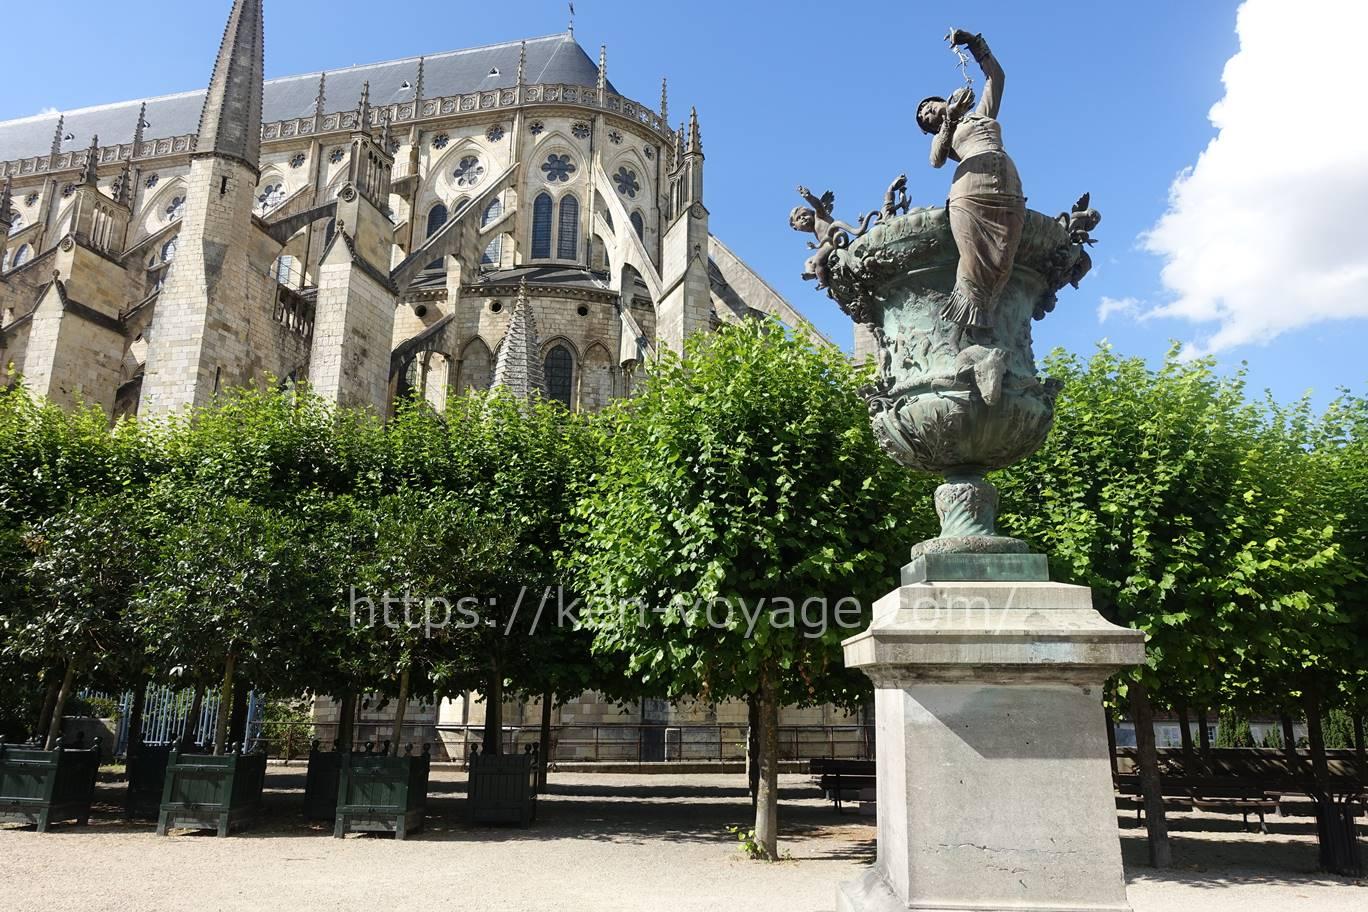 Cathédrale Saint-Étienne de Bourges